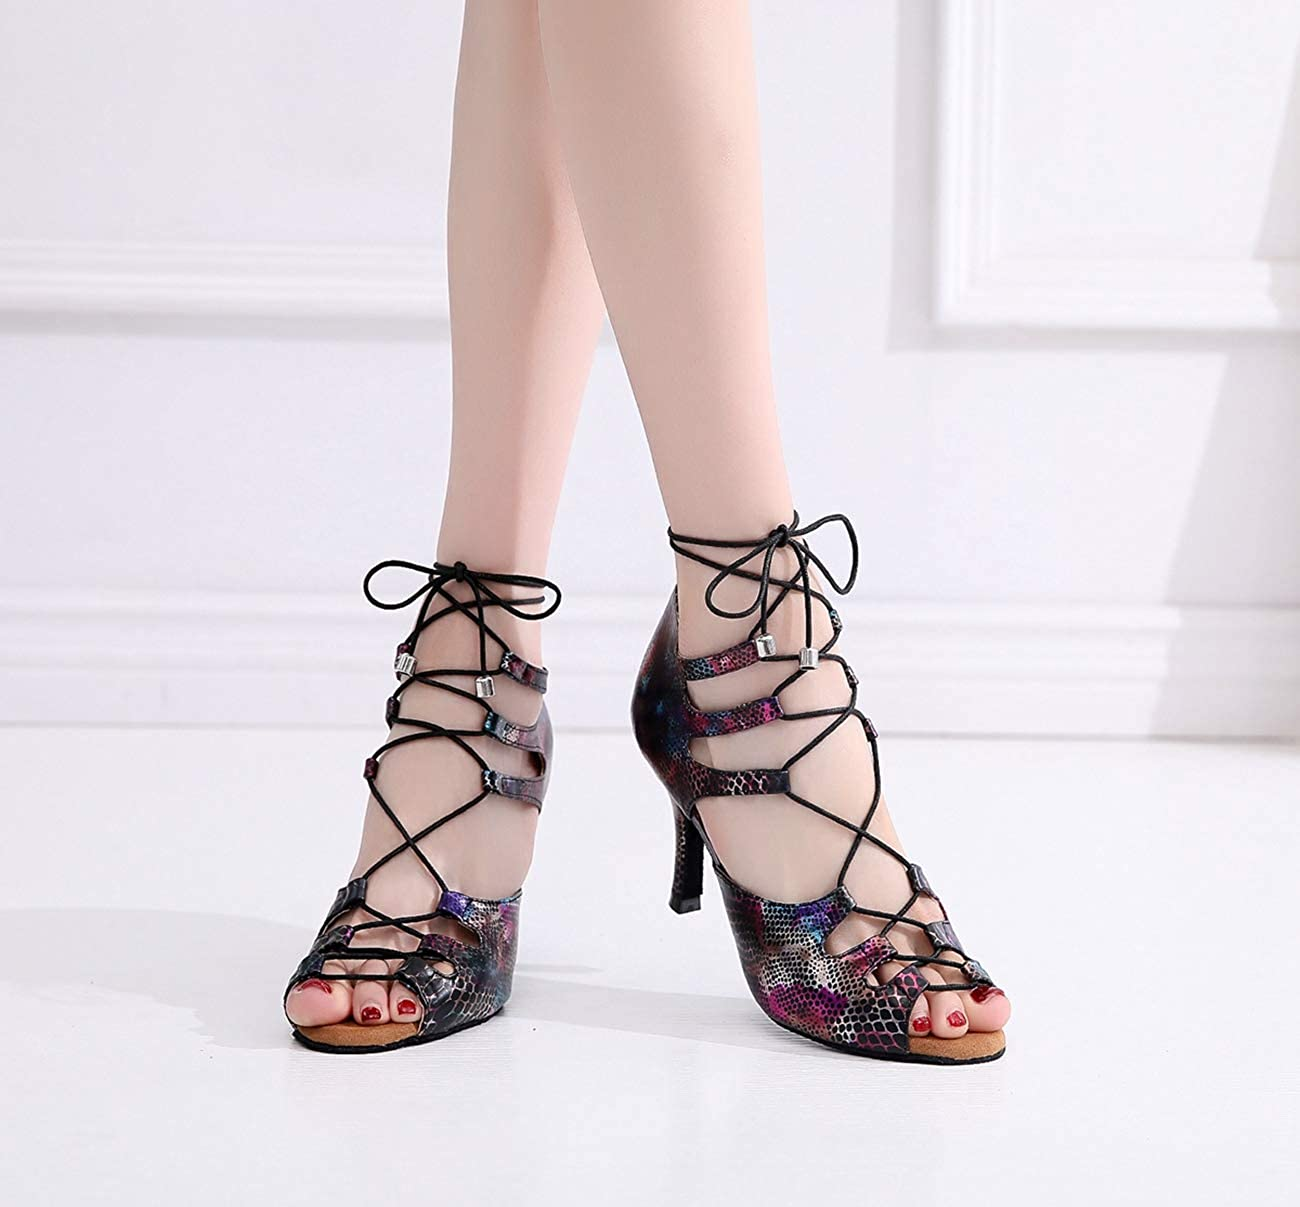 Miyoopark Womens Lace-up PeeP Toe 3 High Heel Sport Dance Shoes Wedding Sandals